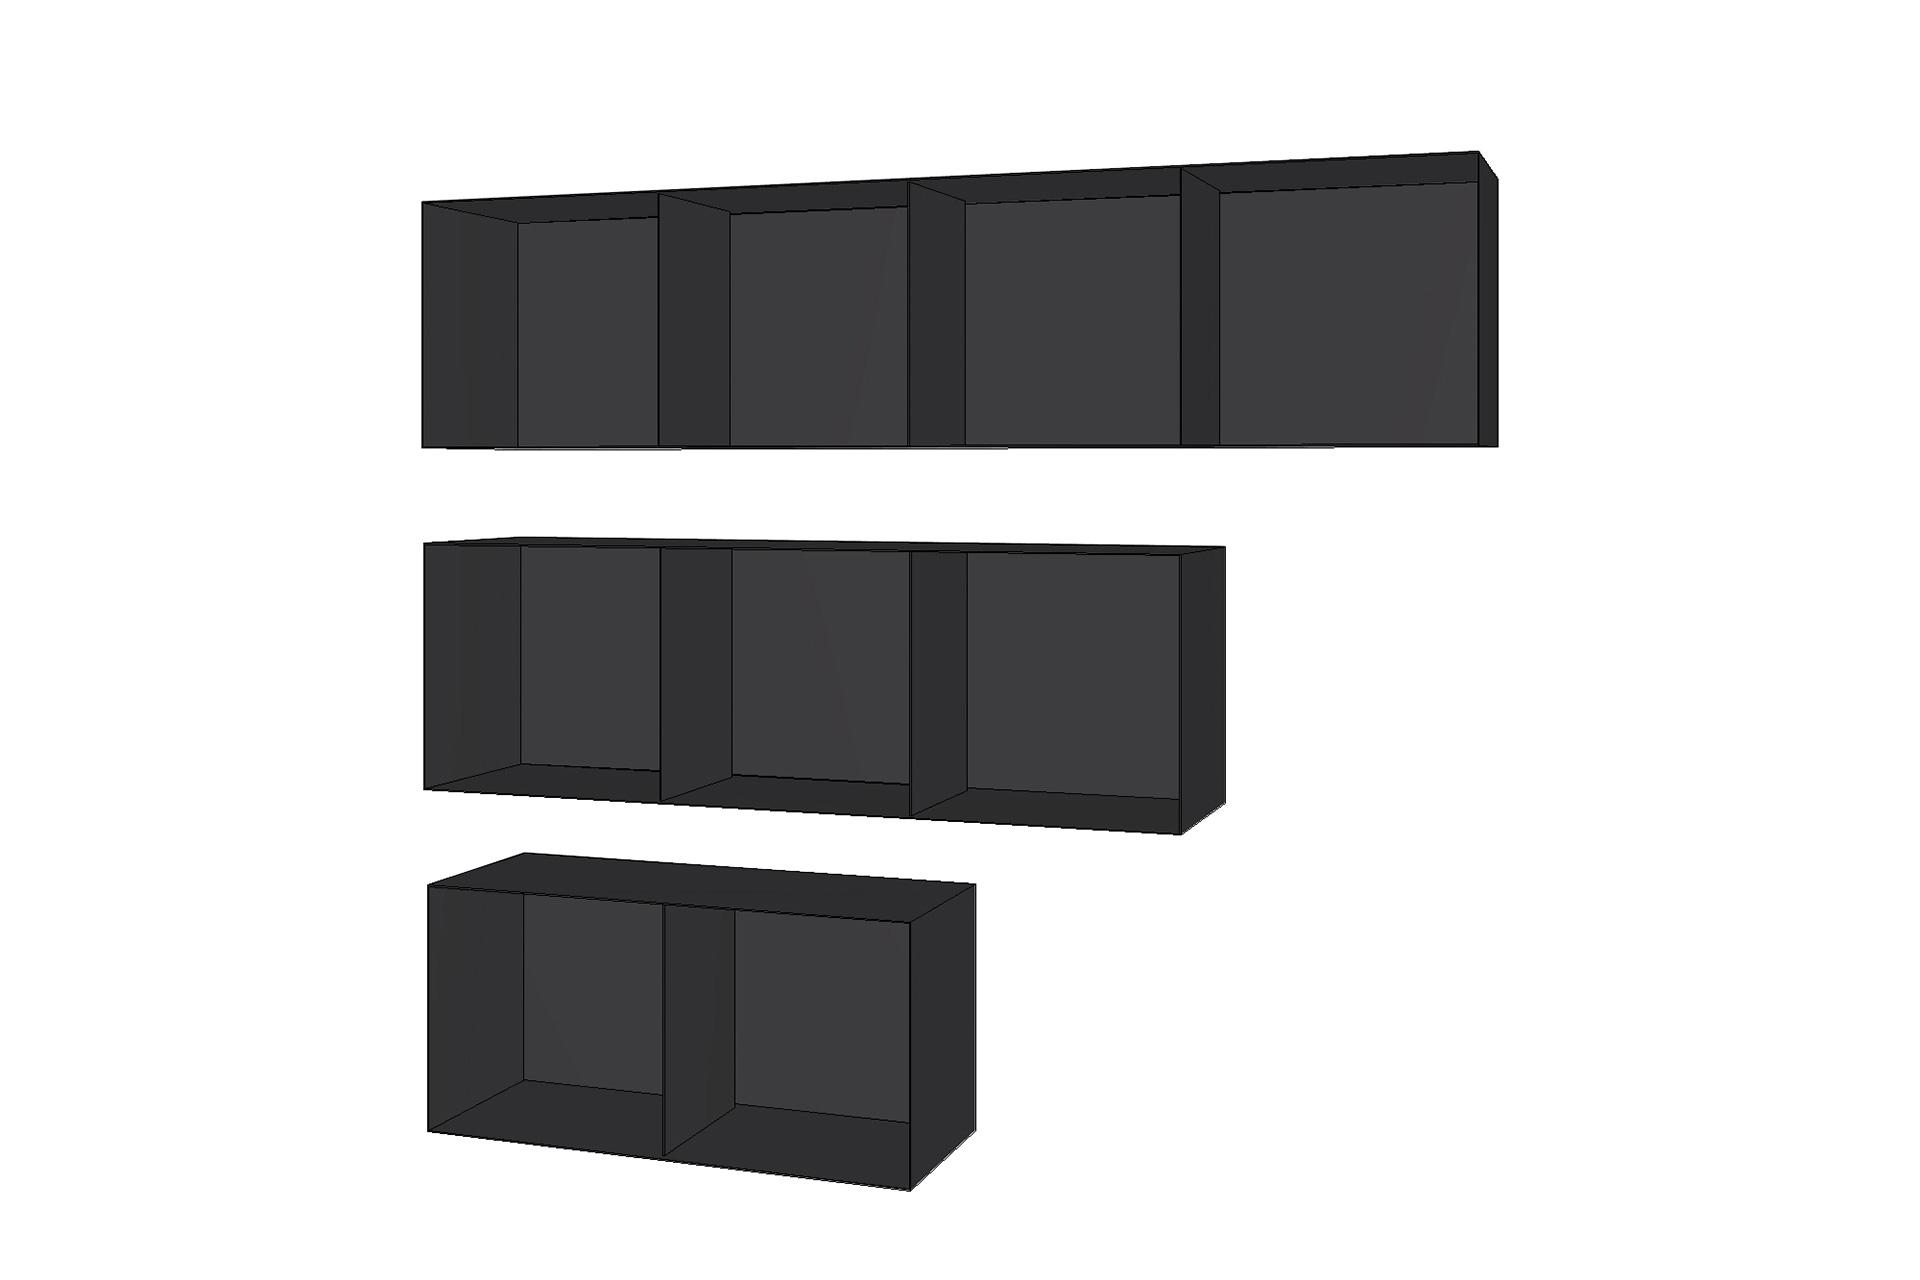 Zubehör für Öfen und Kamine - Holzboxen, 4er, 3er und 2er